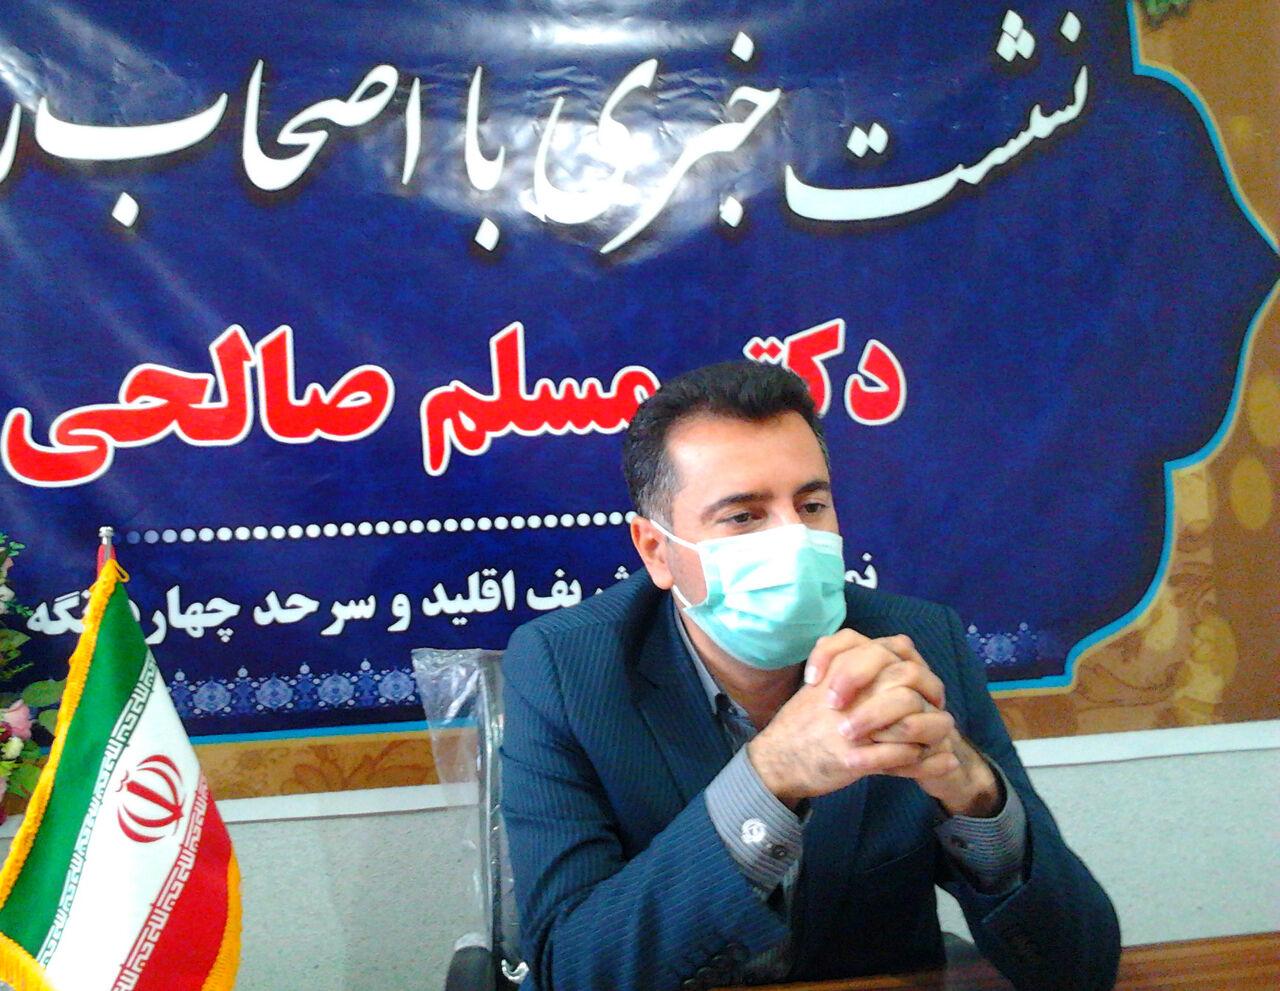 نماینده مجلس: ساخت فرودگاه شمال فارس شتاب گیرد